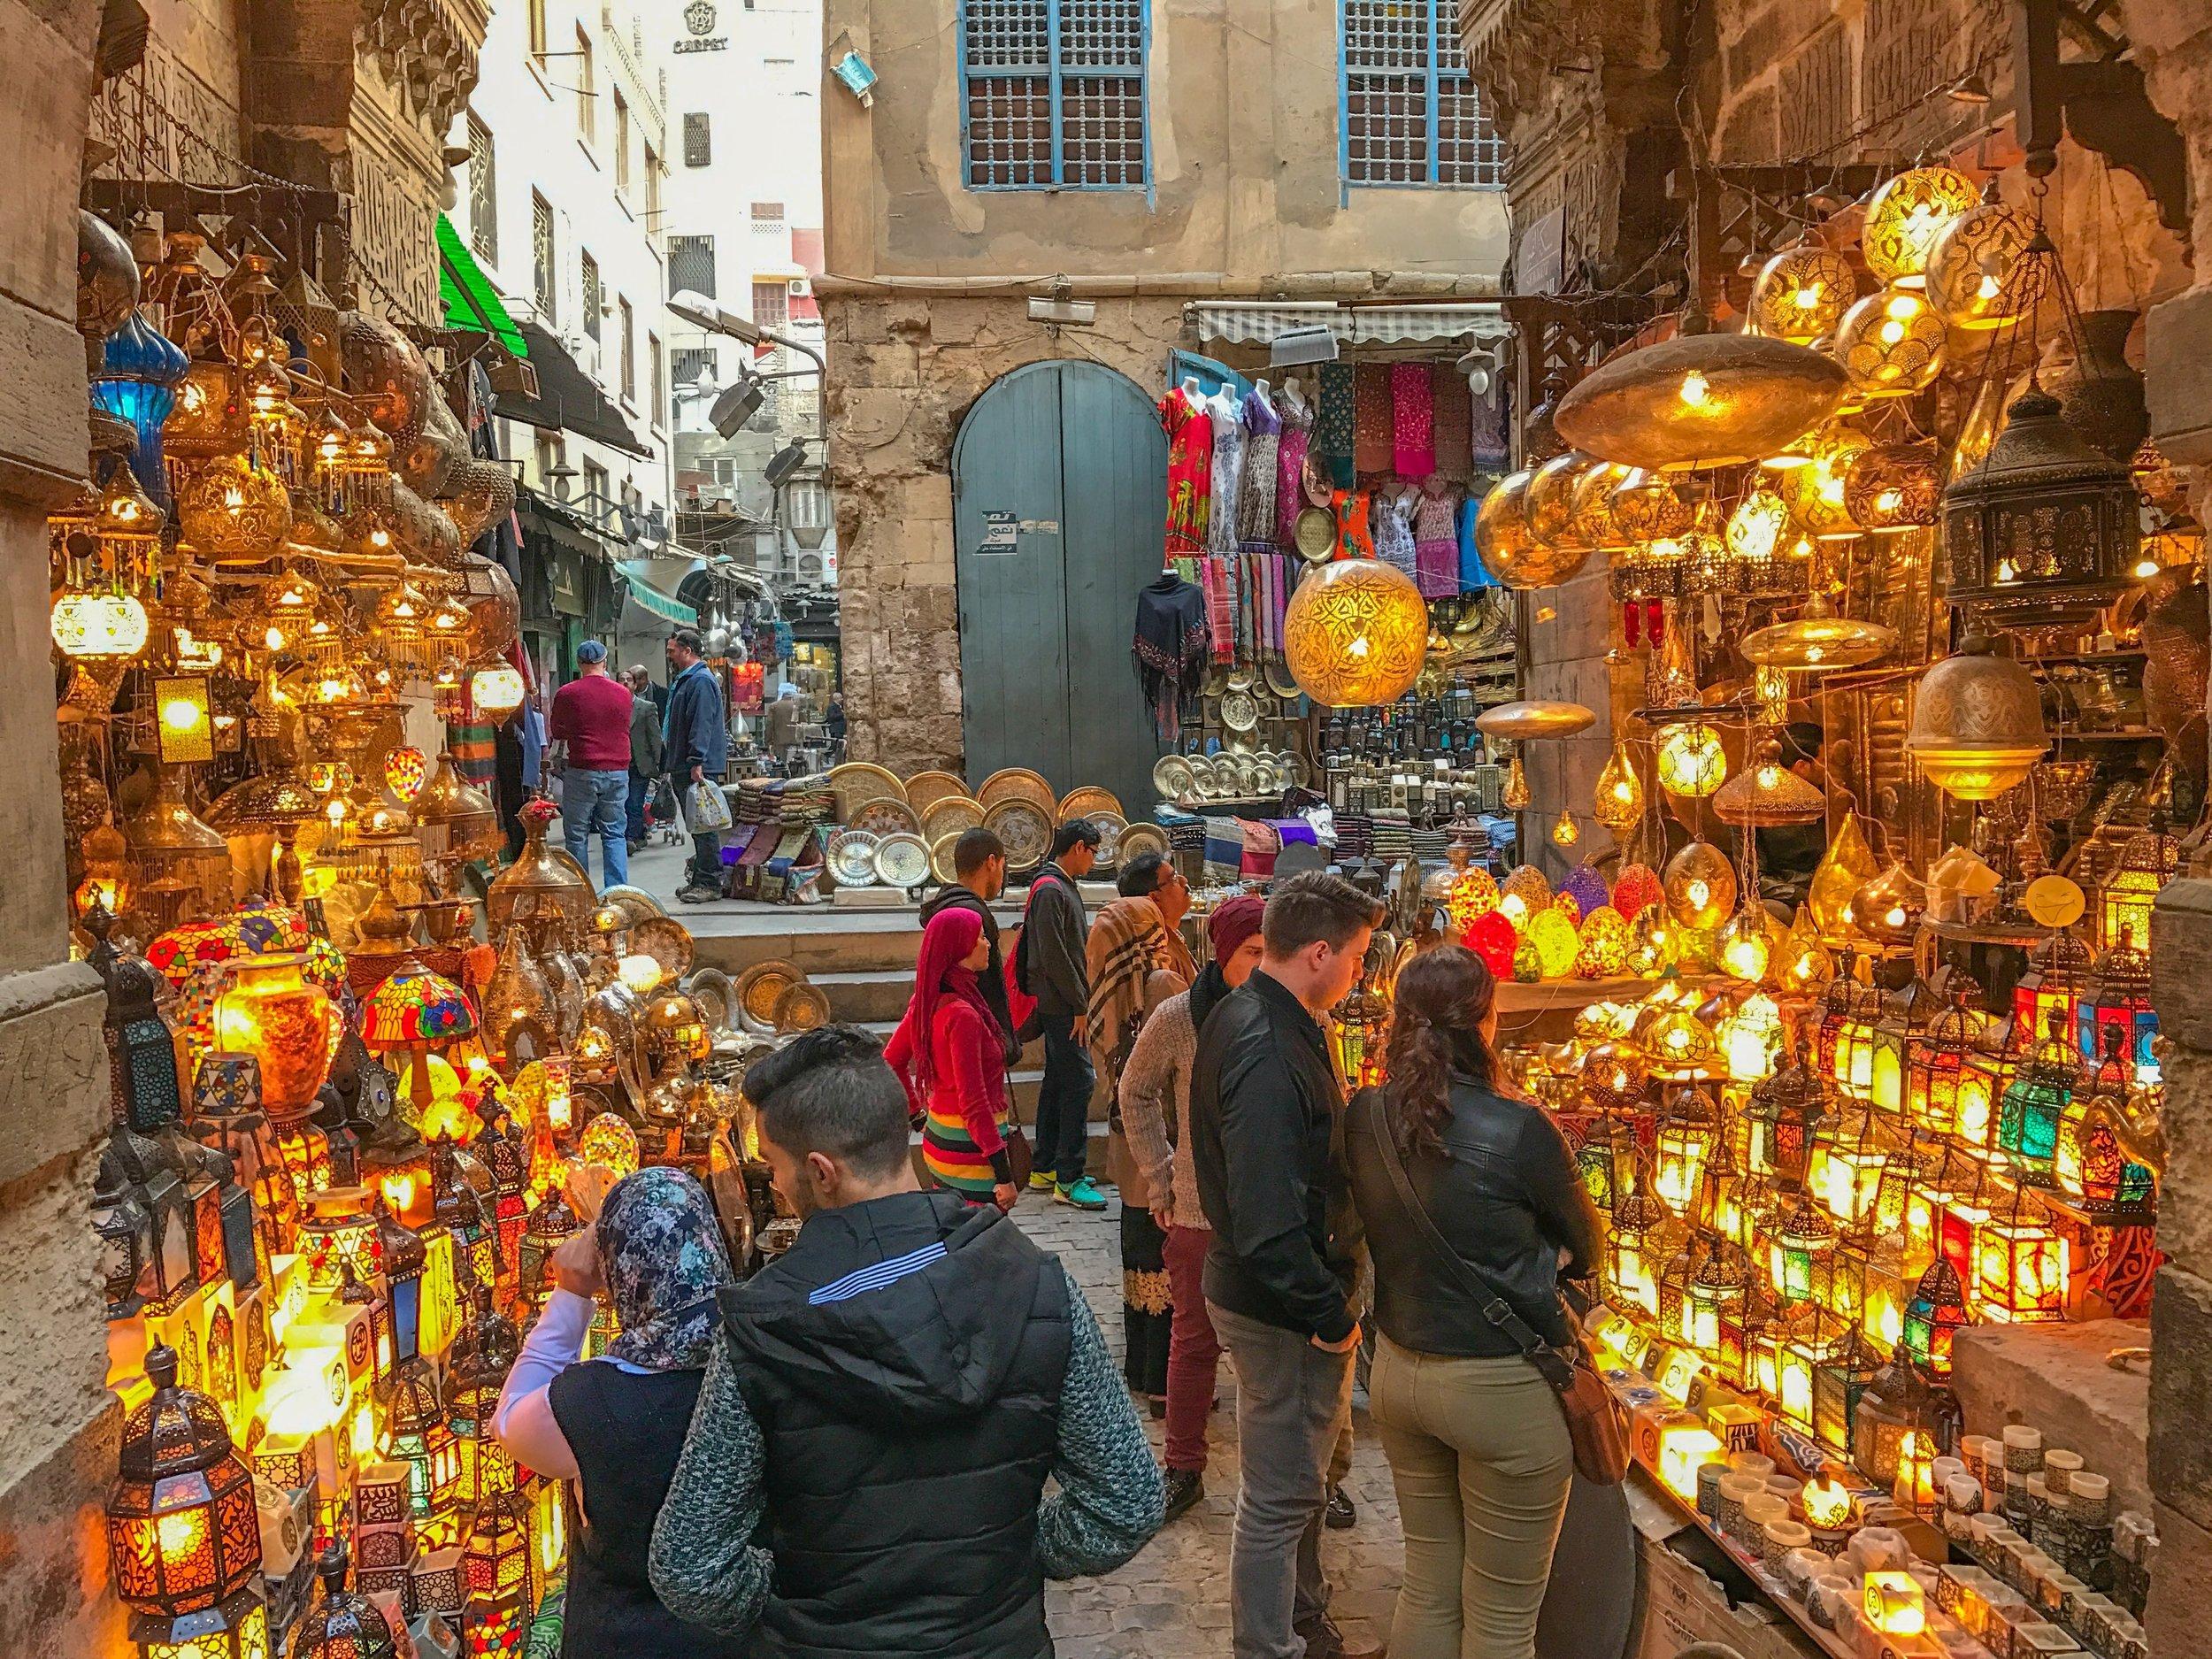 Khan al Khalili lights vendor